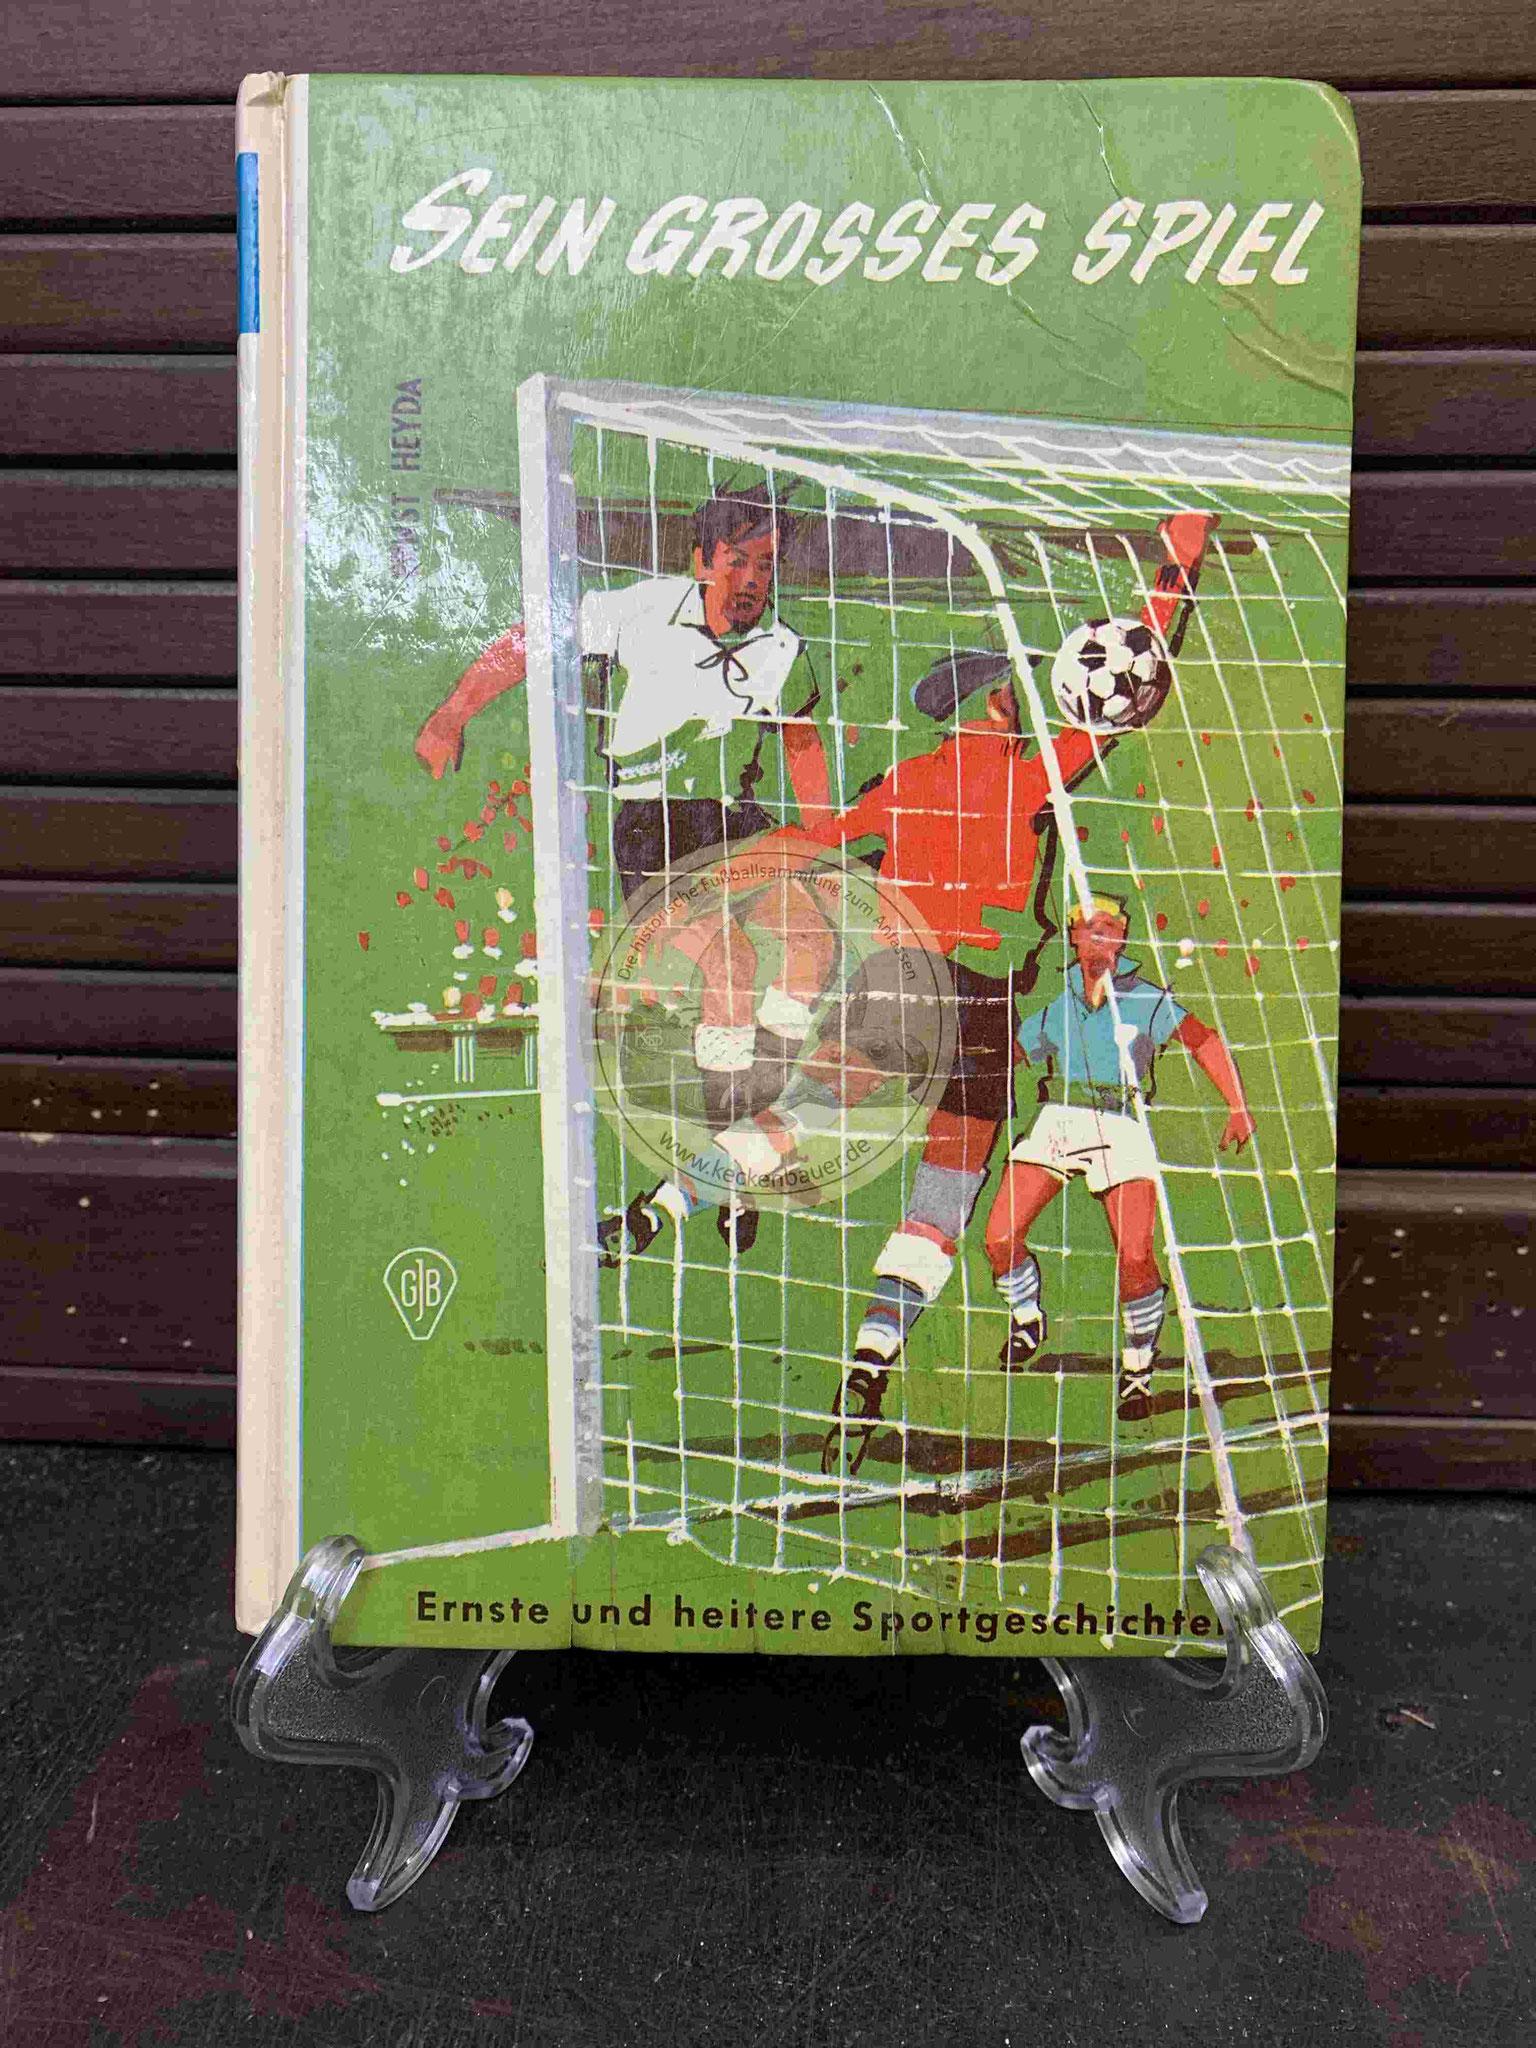 Sein Grosses Spiel Ernste und heitere Sportgeschichten aus dem Jahr 1965